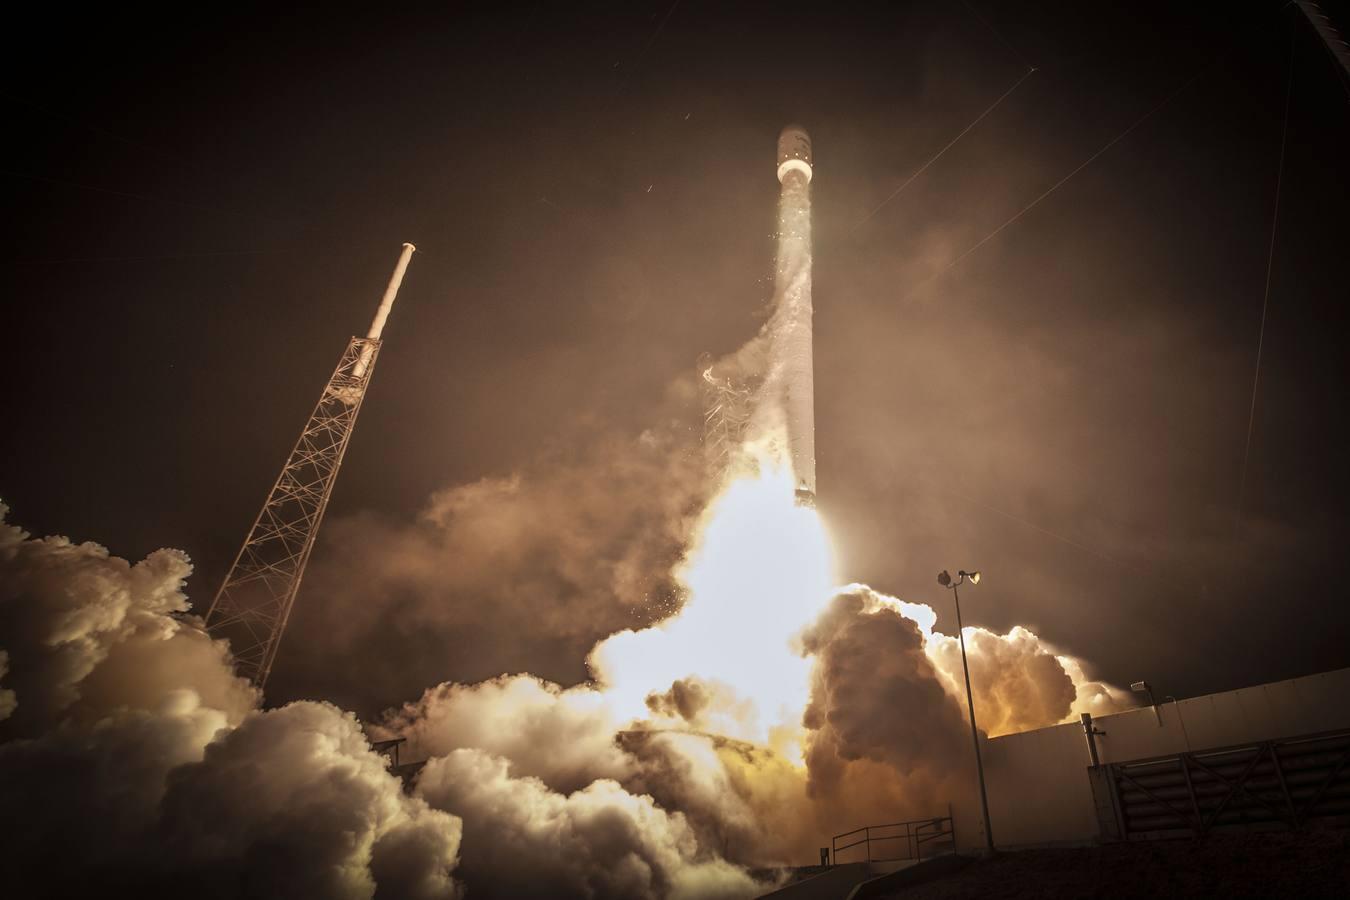 Galería: SpaceX publica un centenar de impresionantes imágenes de los logros de la carrera espacial privada